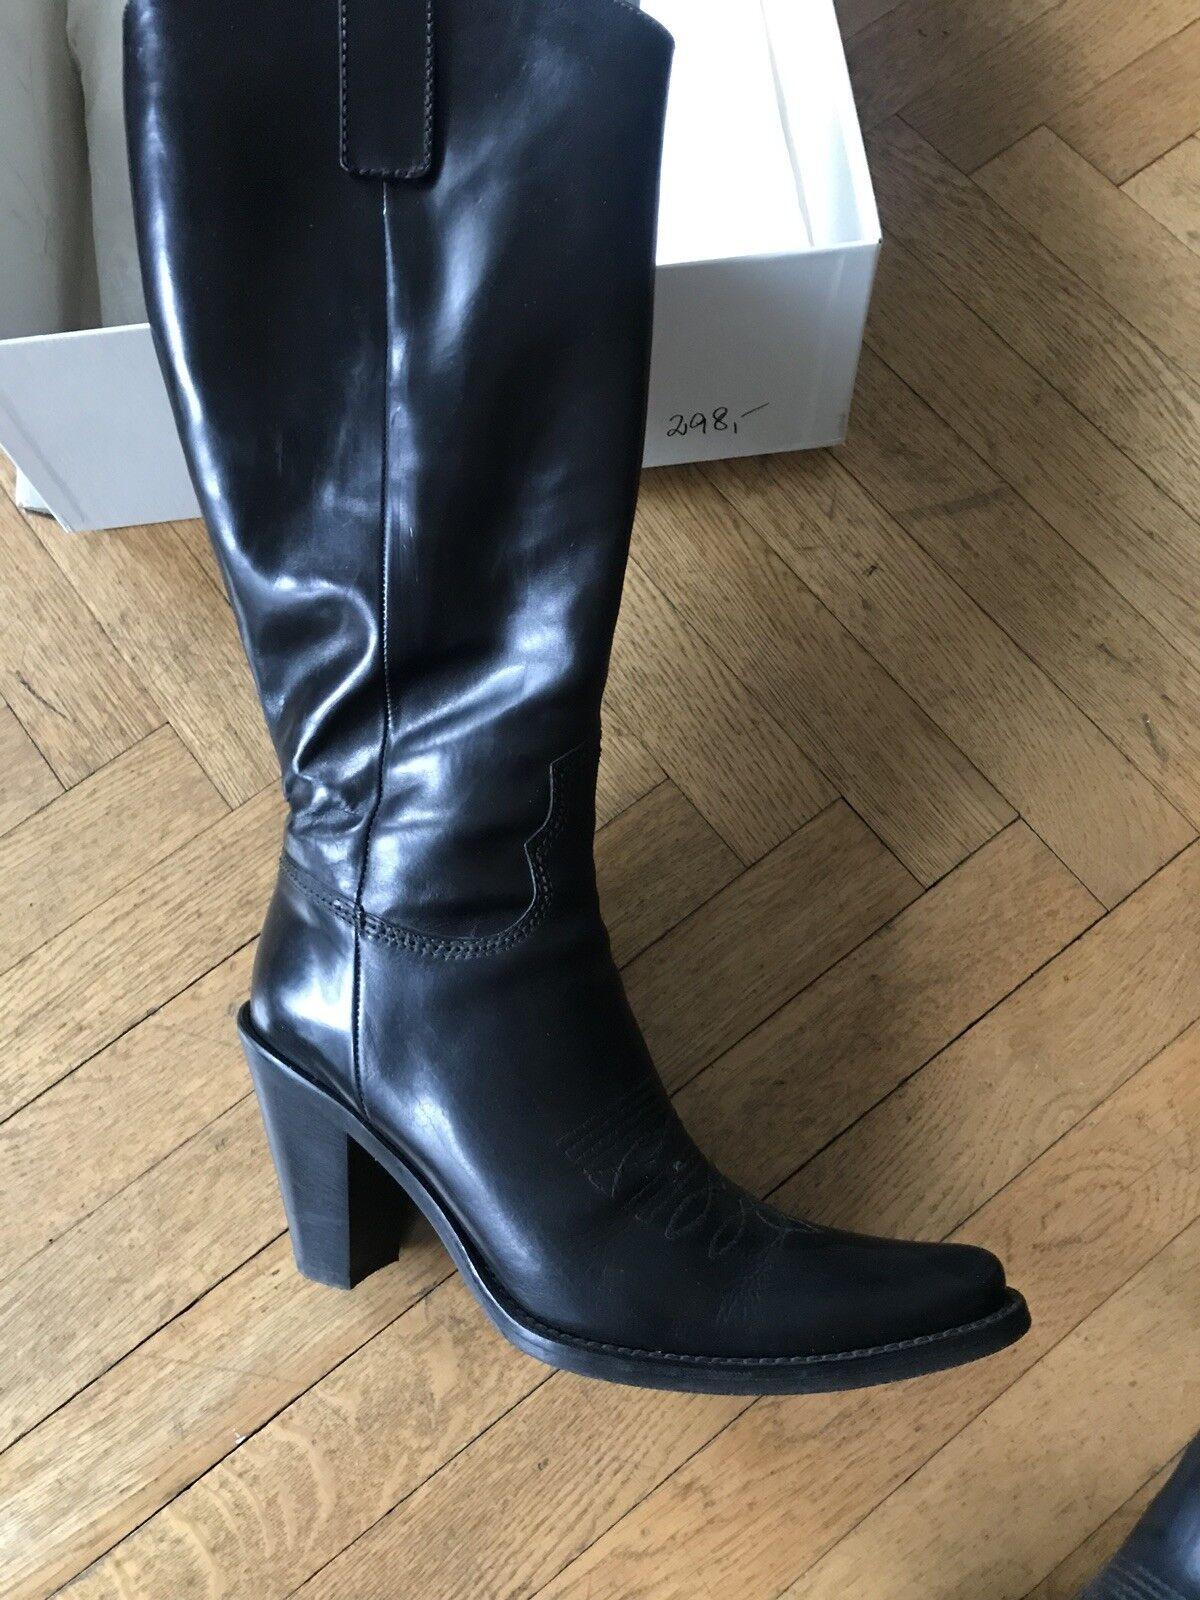 Alberto Gozzi Stiefel  schwarz Größe  38  wie neu